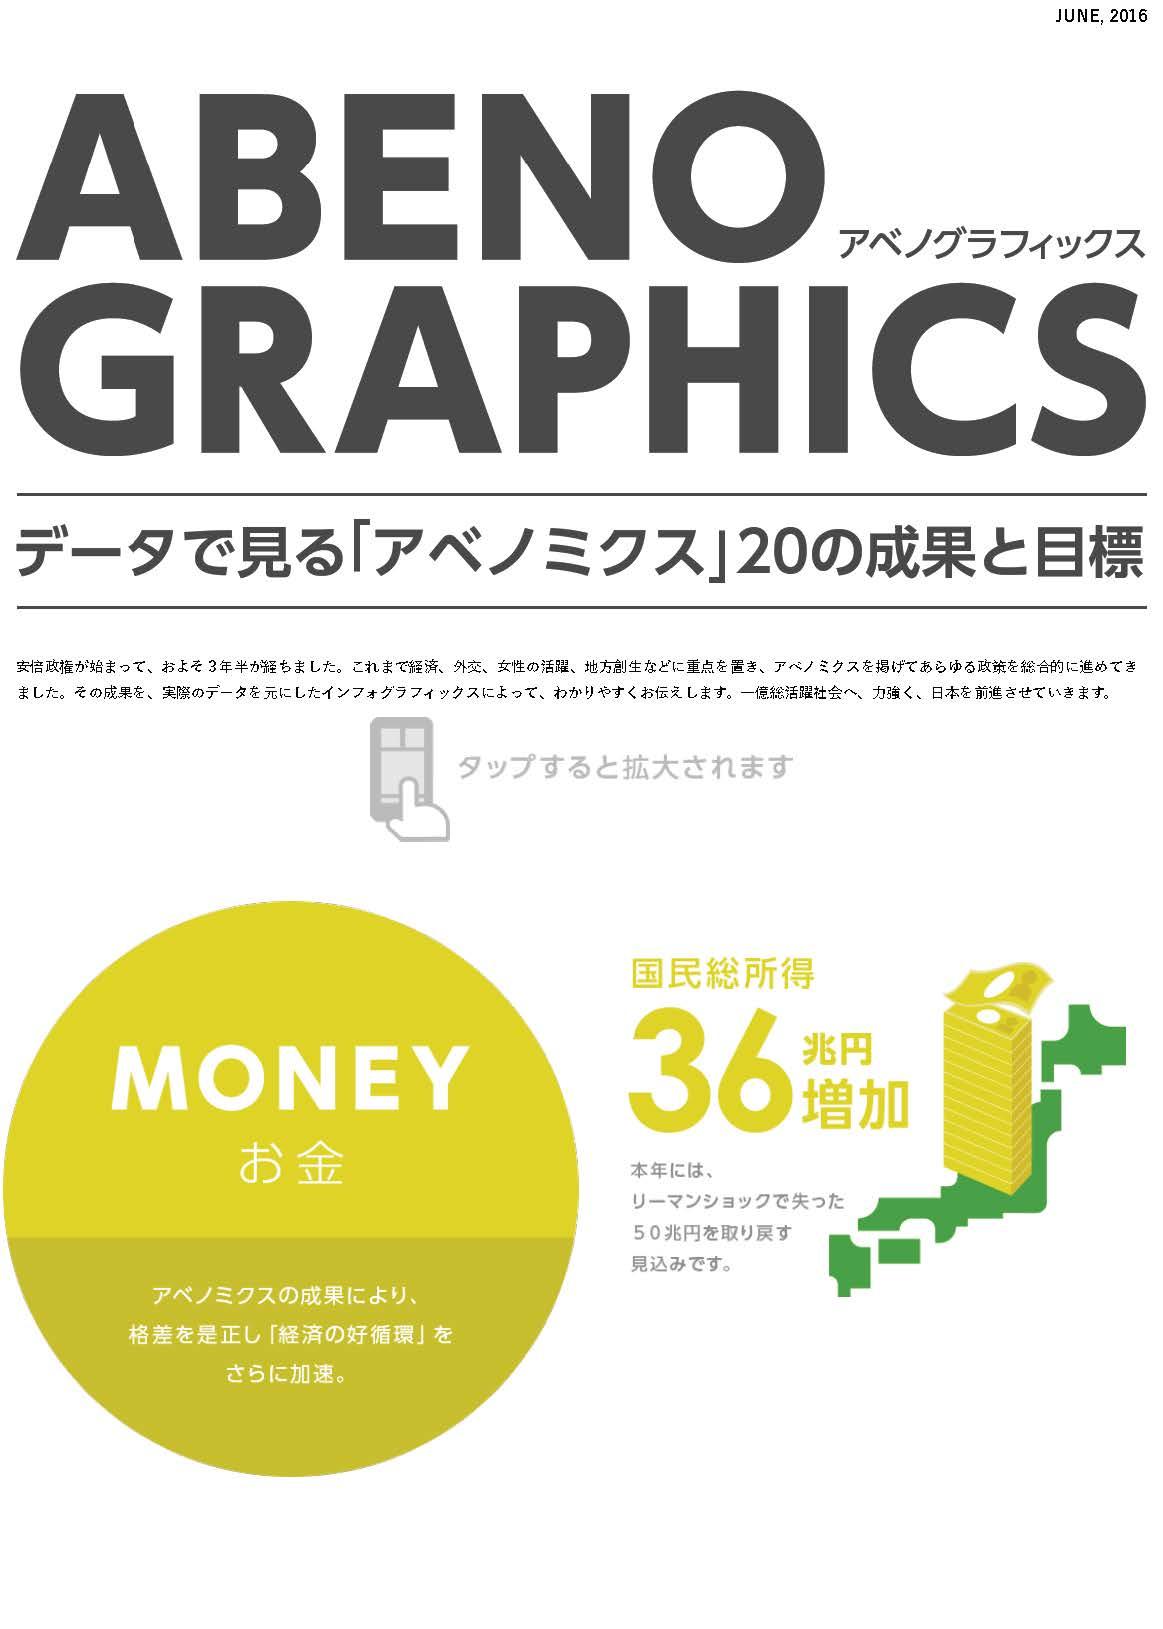 アベノグラフィックス - データで見る「アベノミクス」20の成果と目標 | 自由民主党_ページ_1